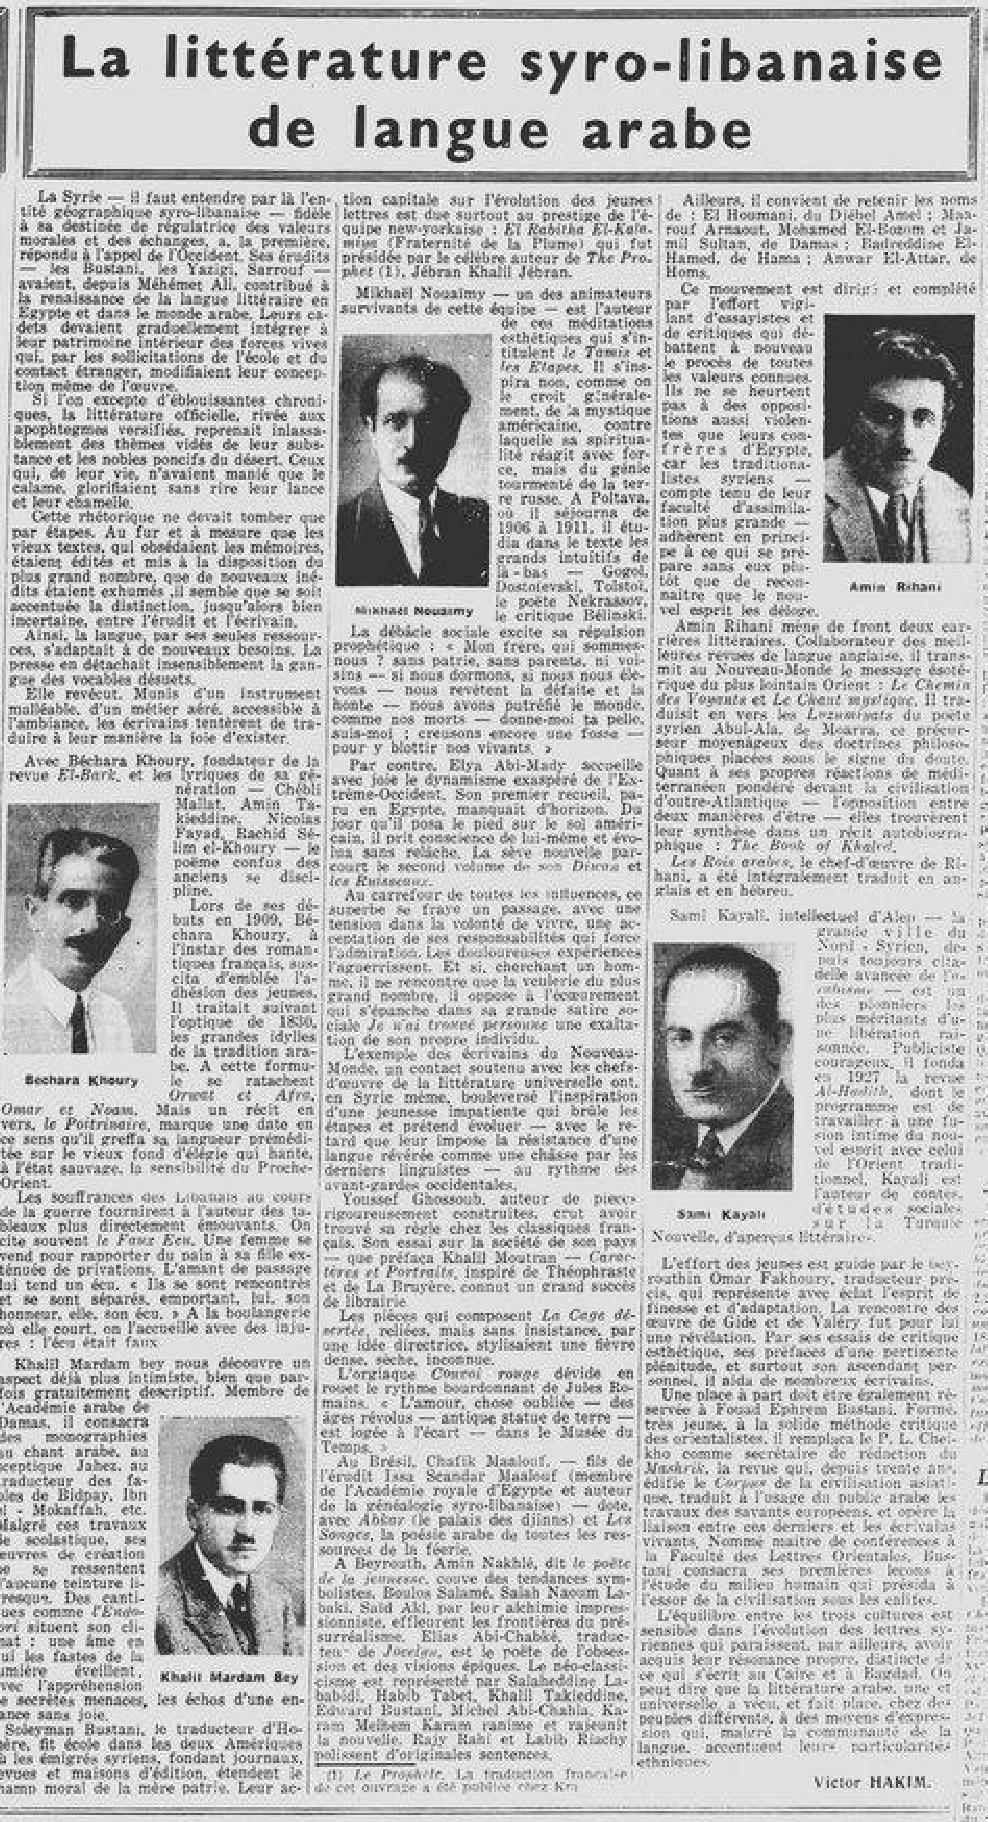 """Victor Hakim, La littérature syro-libanaise de langue arabe, """"Les Nouvelles littéraires, artistiques et scientifiques"""", 12-1-1935, p. 6."""